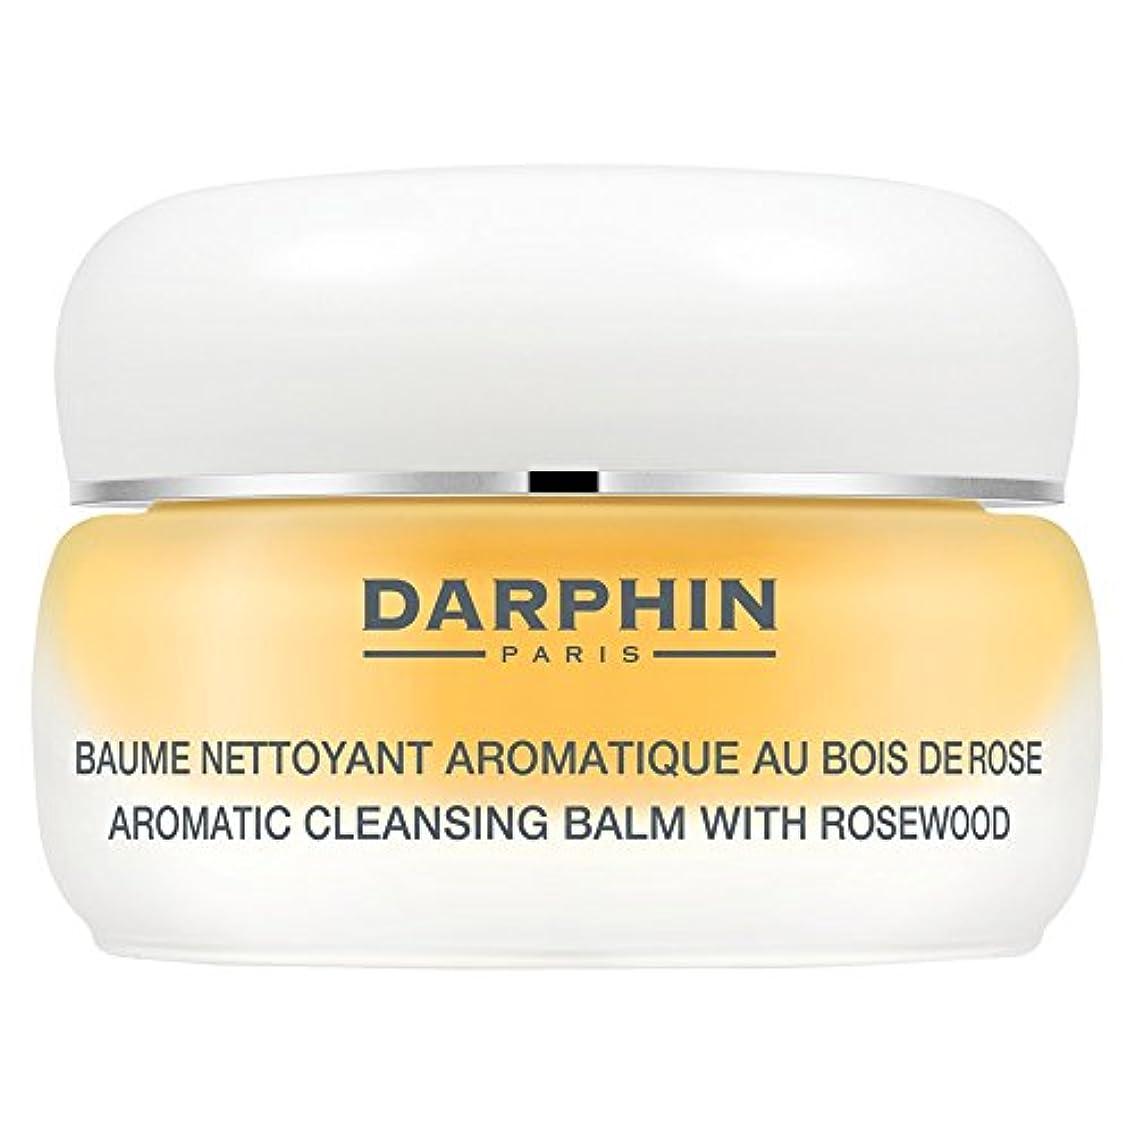 思いやりのある分布必要とするダルファン芳香族クレンジングバーム40ミリリットル (Darphin) (x2) - Darphin Aromatic Cleansing Balm 40ml (Pack of 2) [並行輸入品]